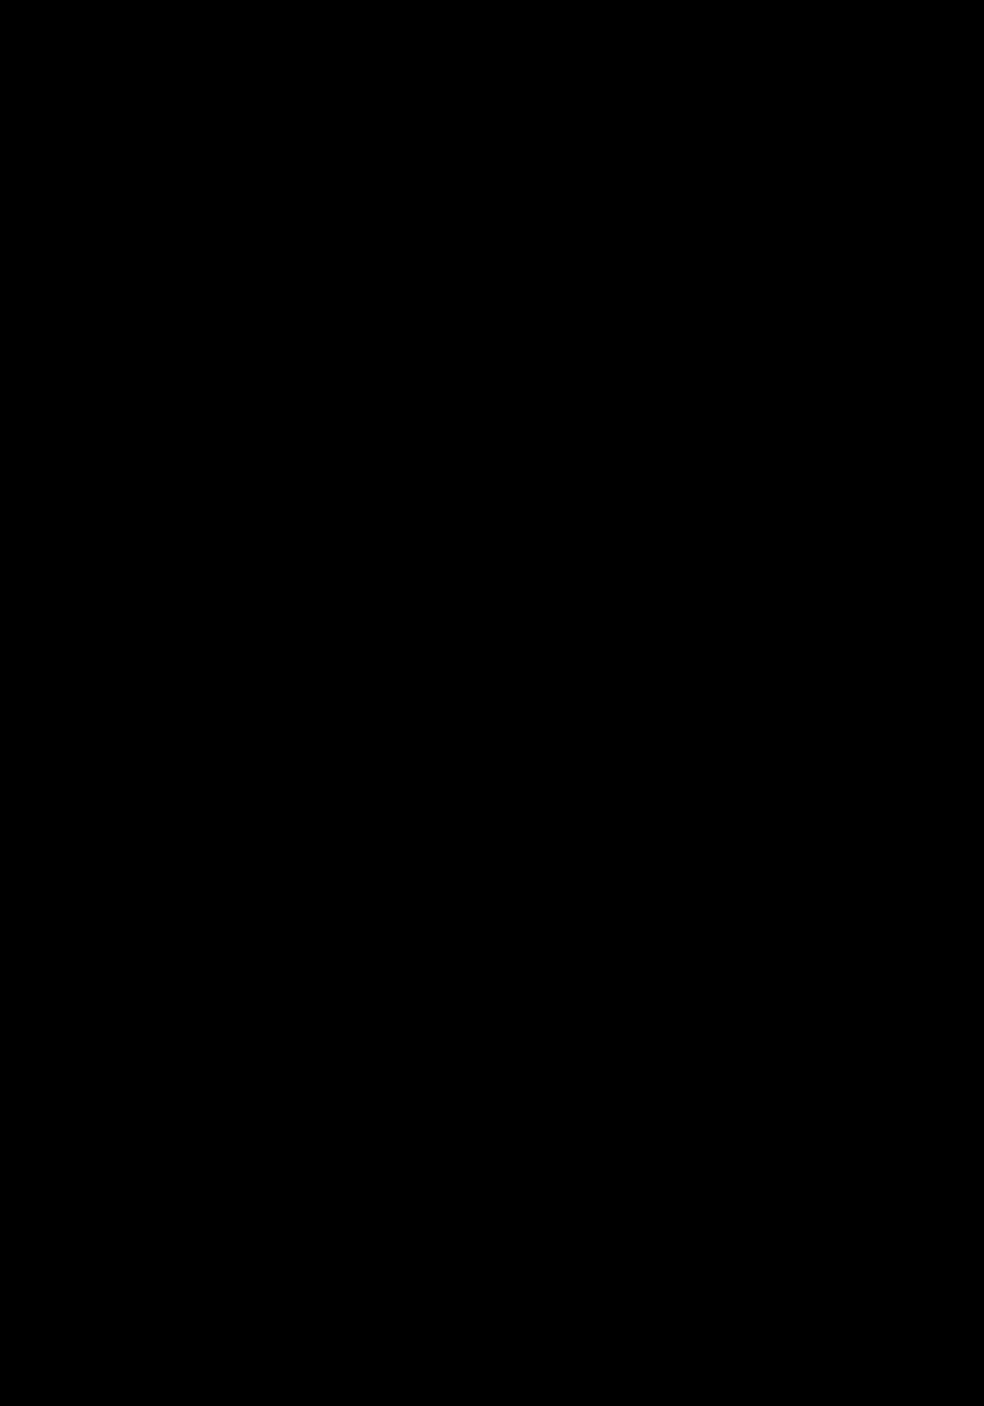 ゴカール M(かな) MGC 横組見本